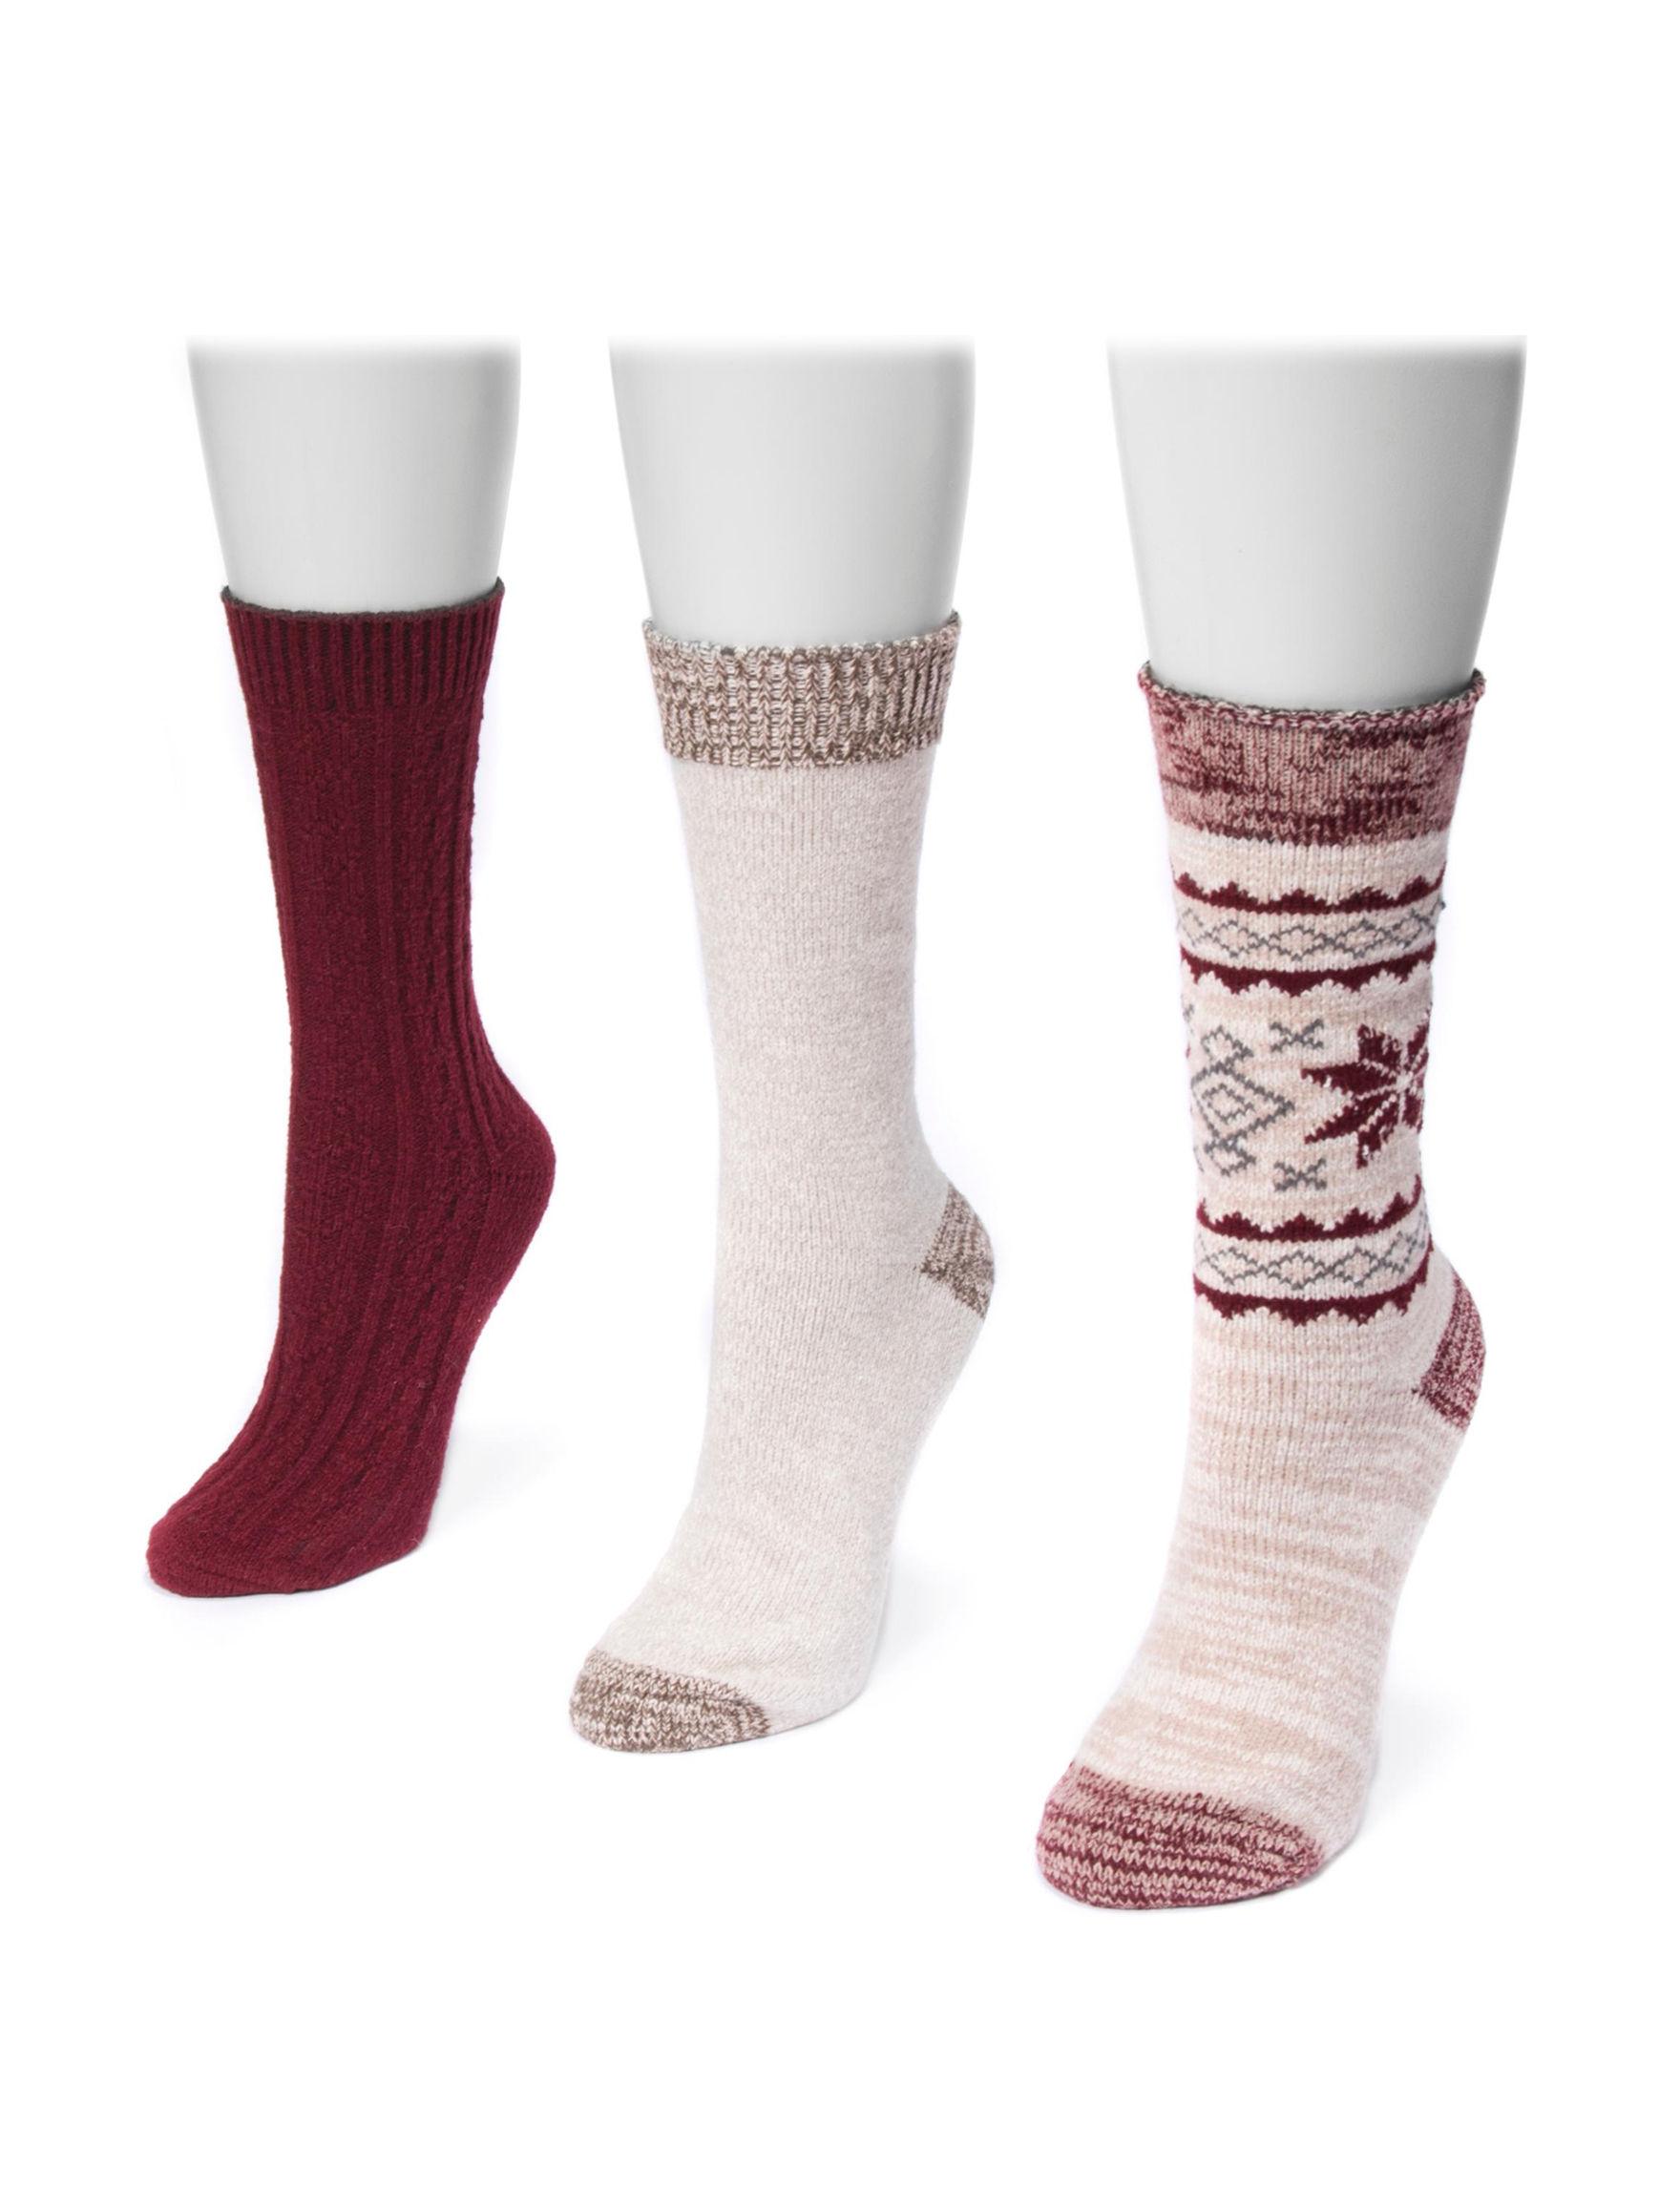 Muk Luks Burgundy Socks